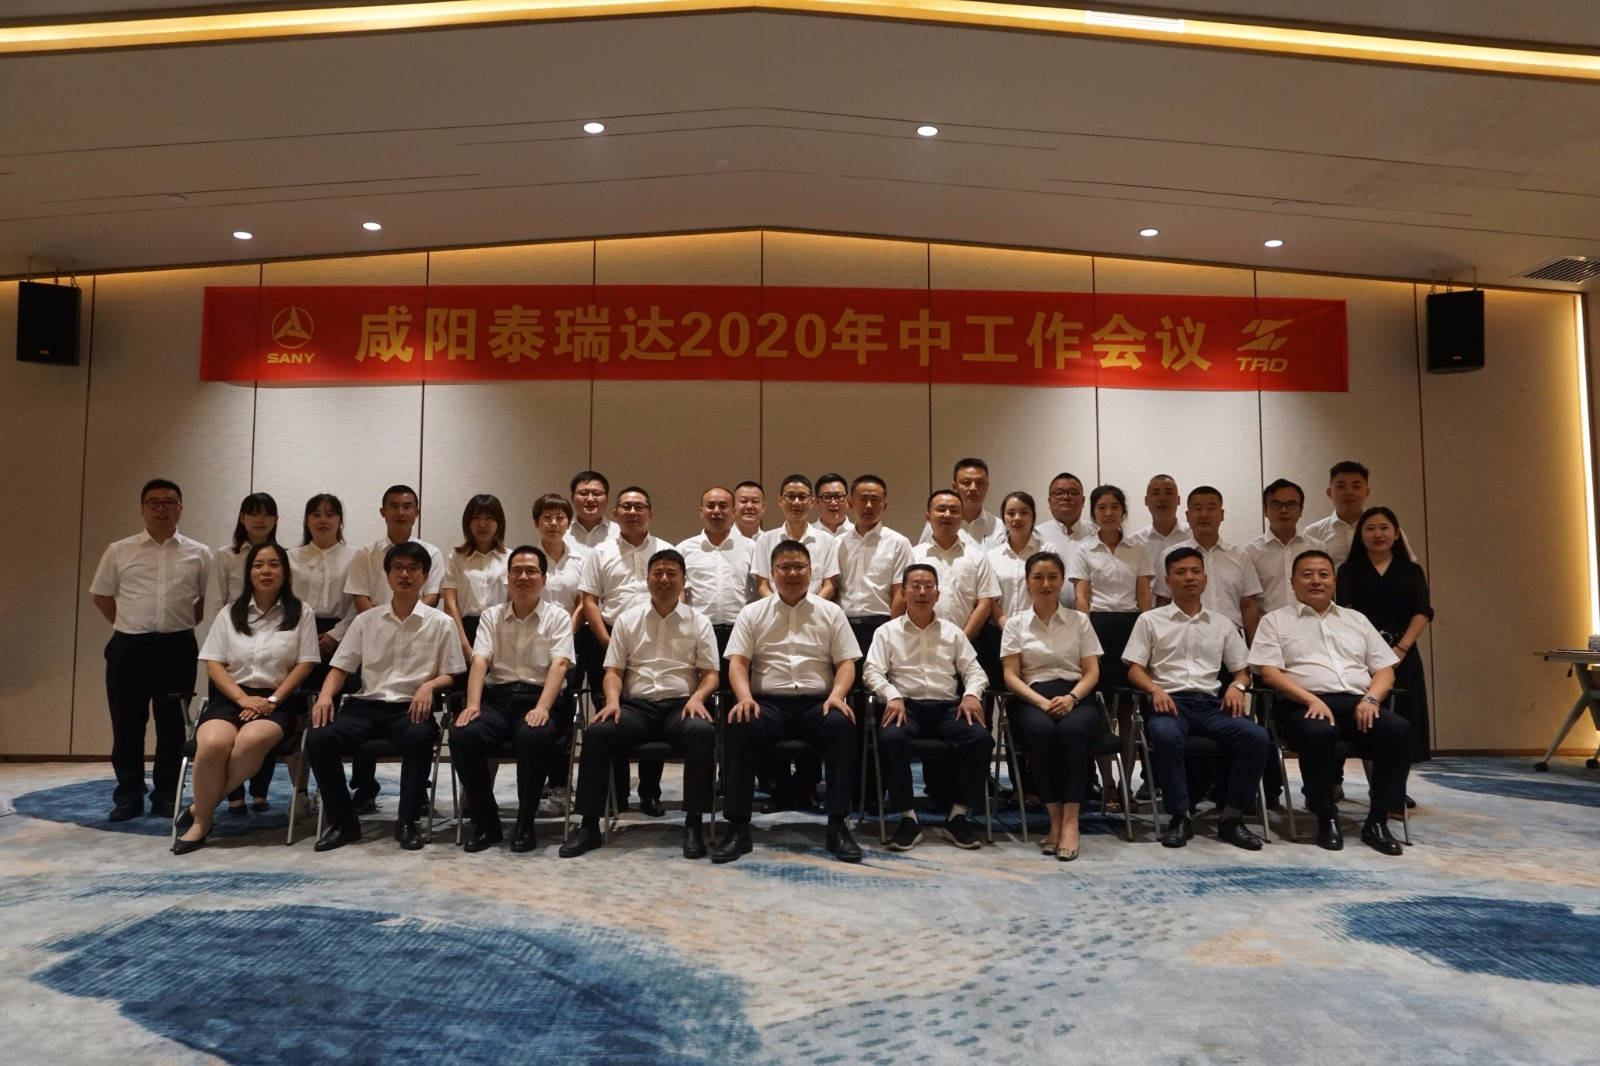 咸阳泰瑞达2020年半年度工作会议暨安康瀛湖生态文化之旅20日落下帷幕